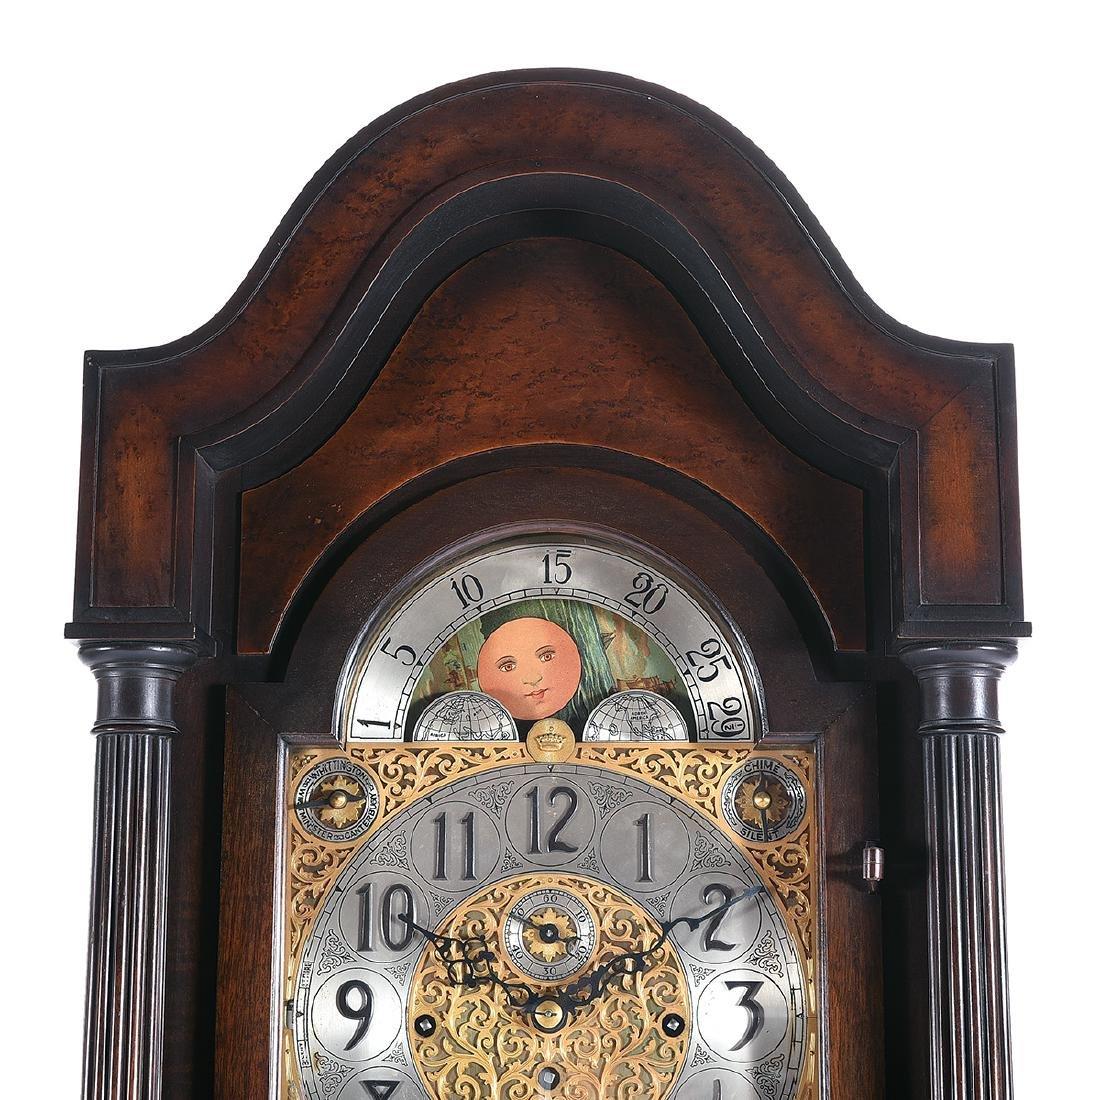 Heschede Hall Clock Co. Longcase Clock - 5